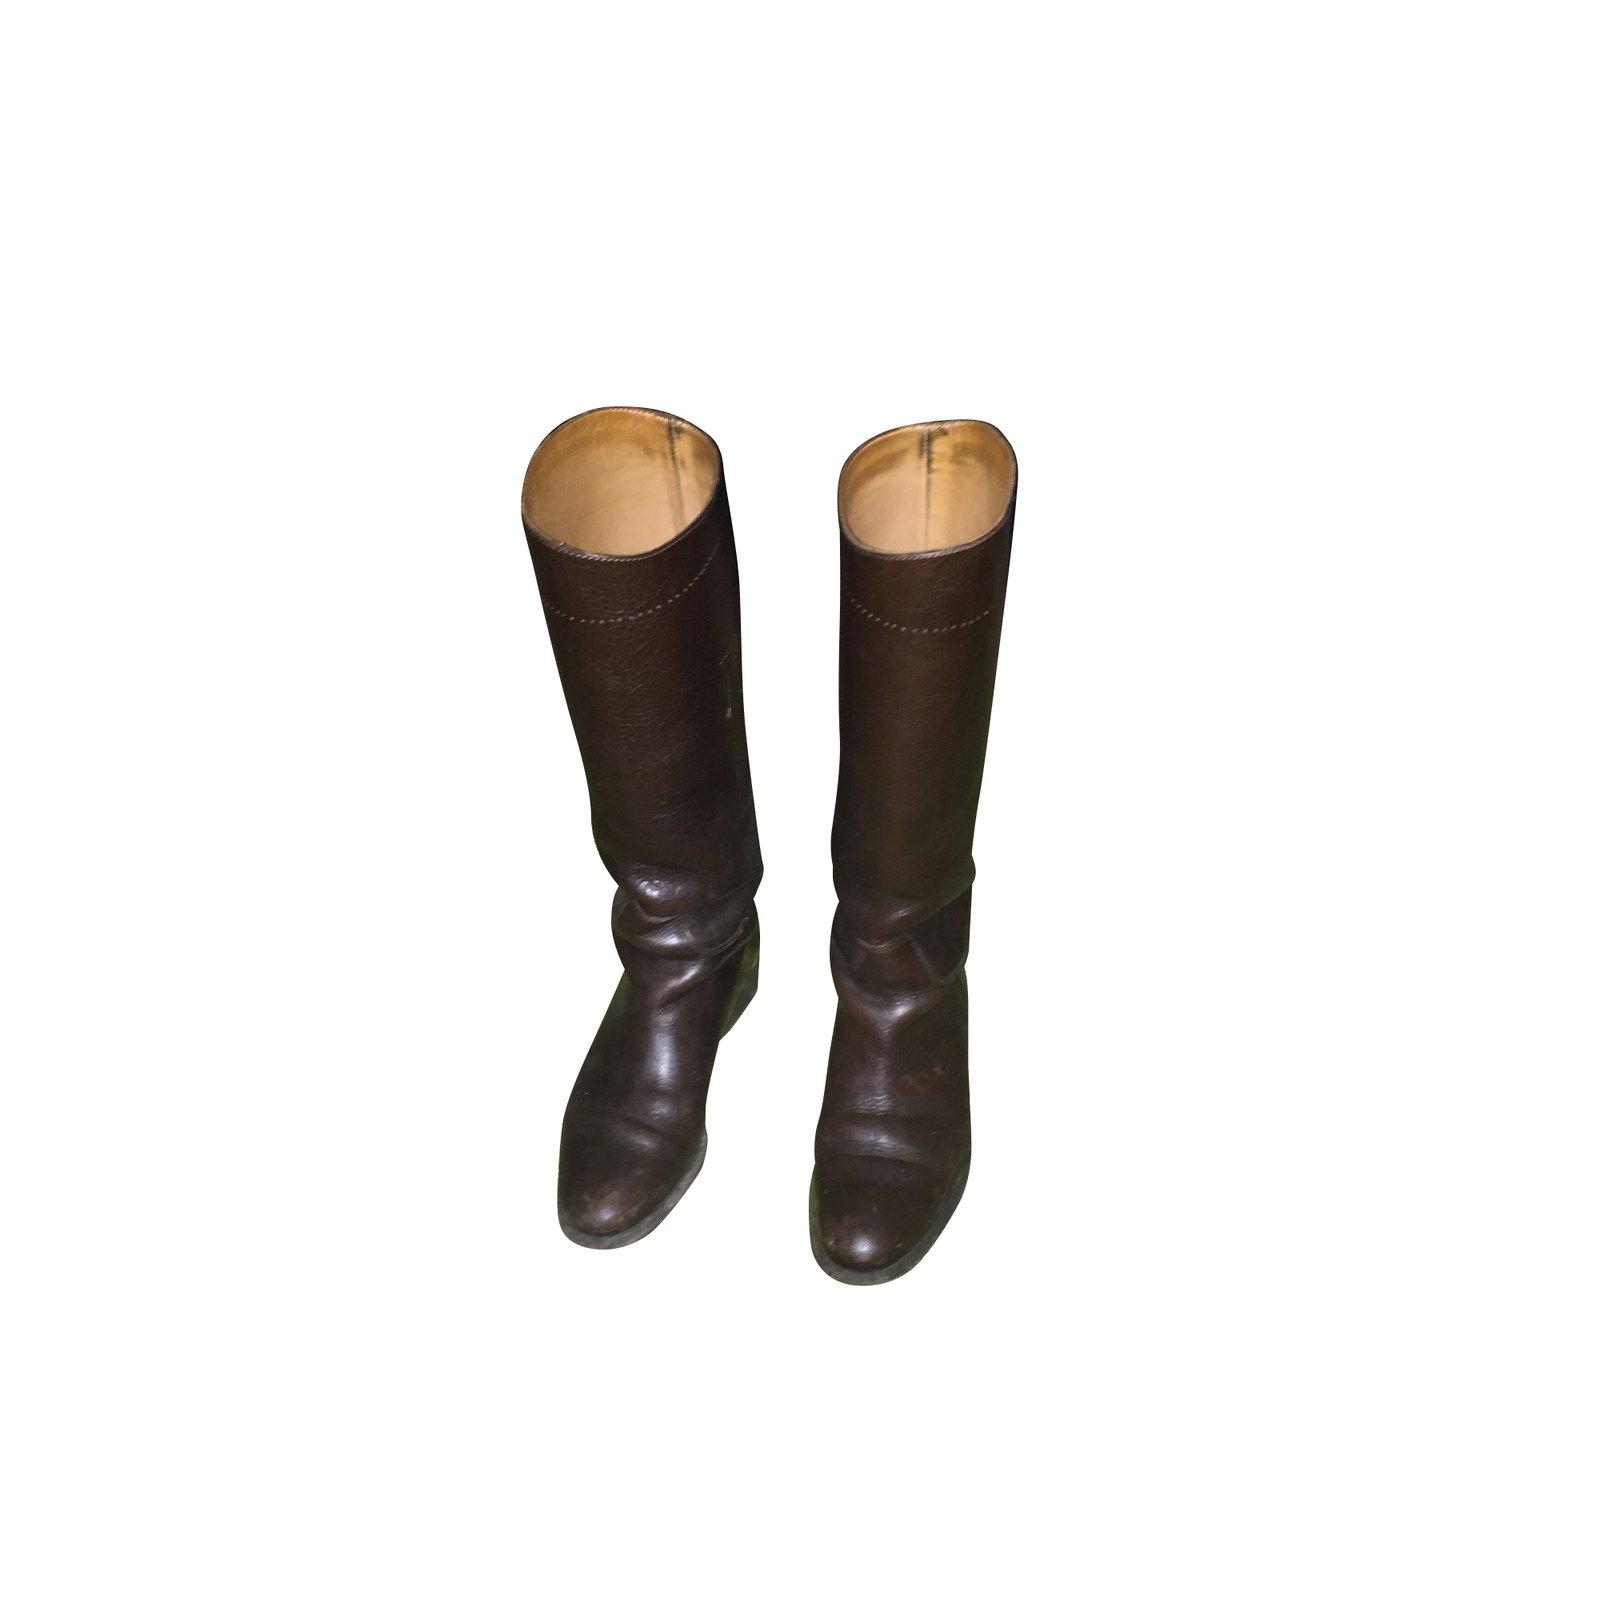 bottes burberry bottes cuir marron joli closet. Black Bedroom Furniture Sets. Home Design Ideas